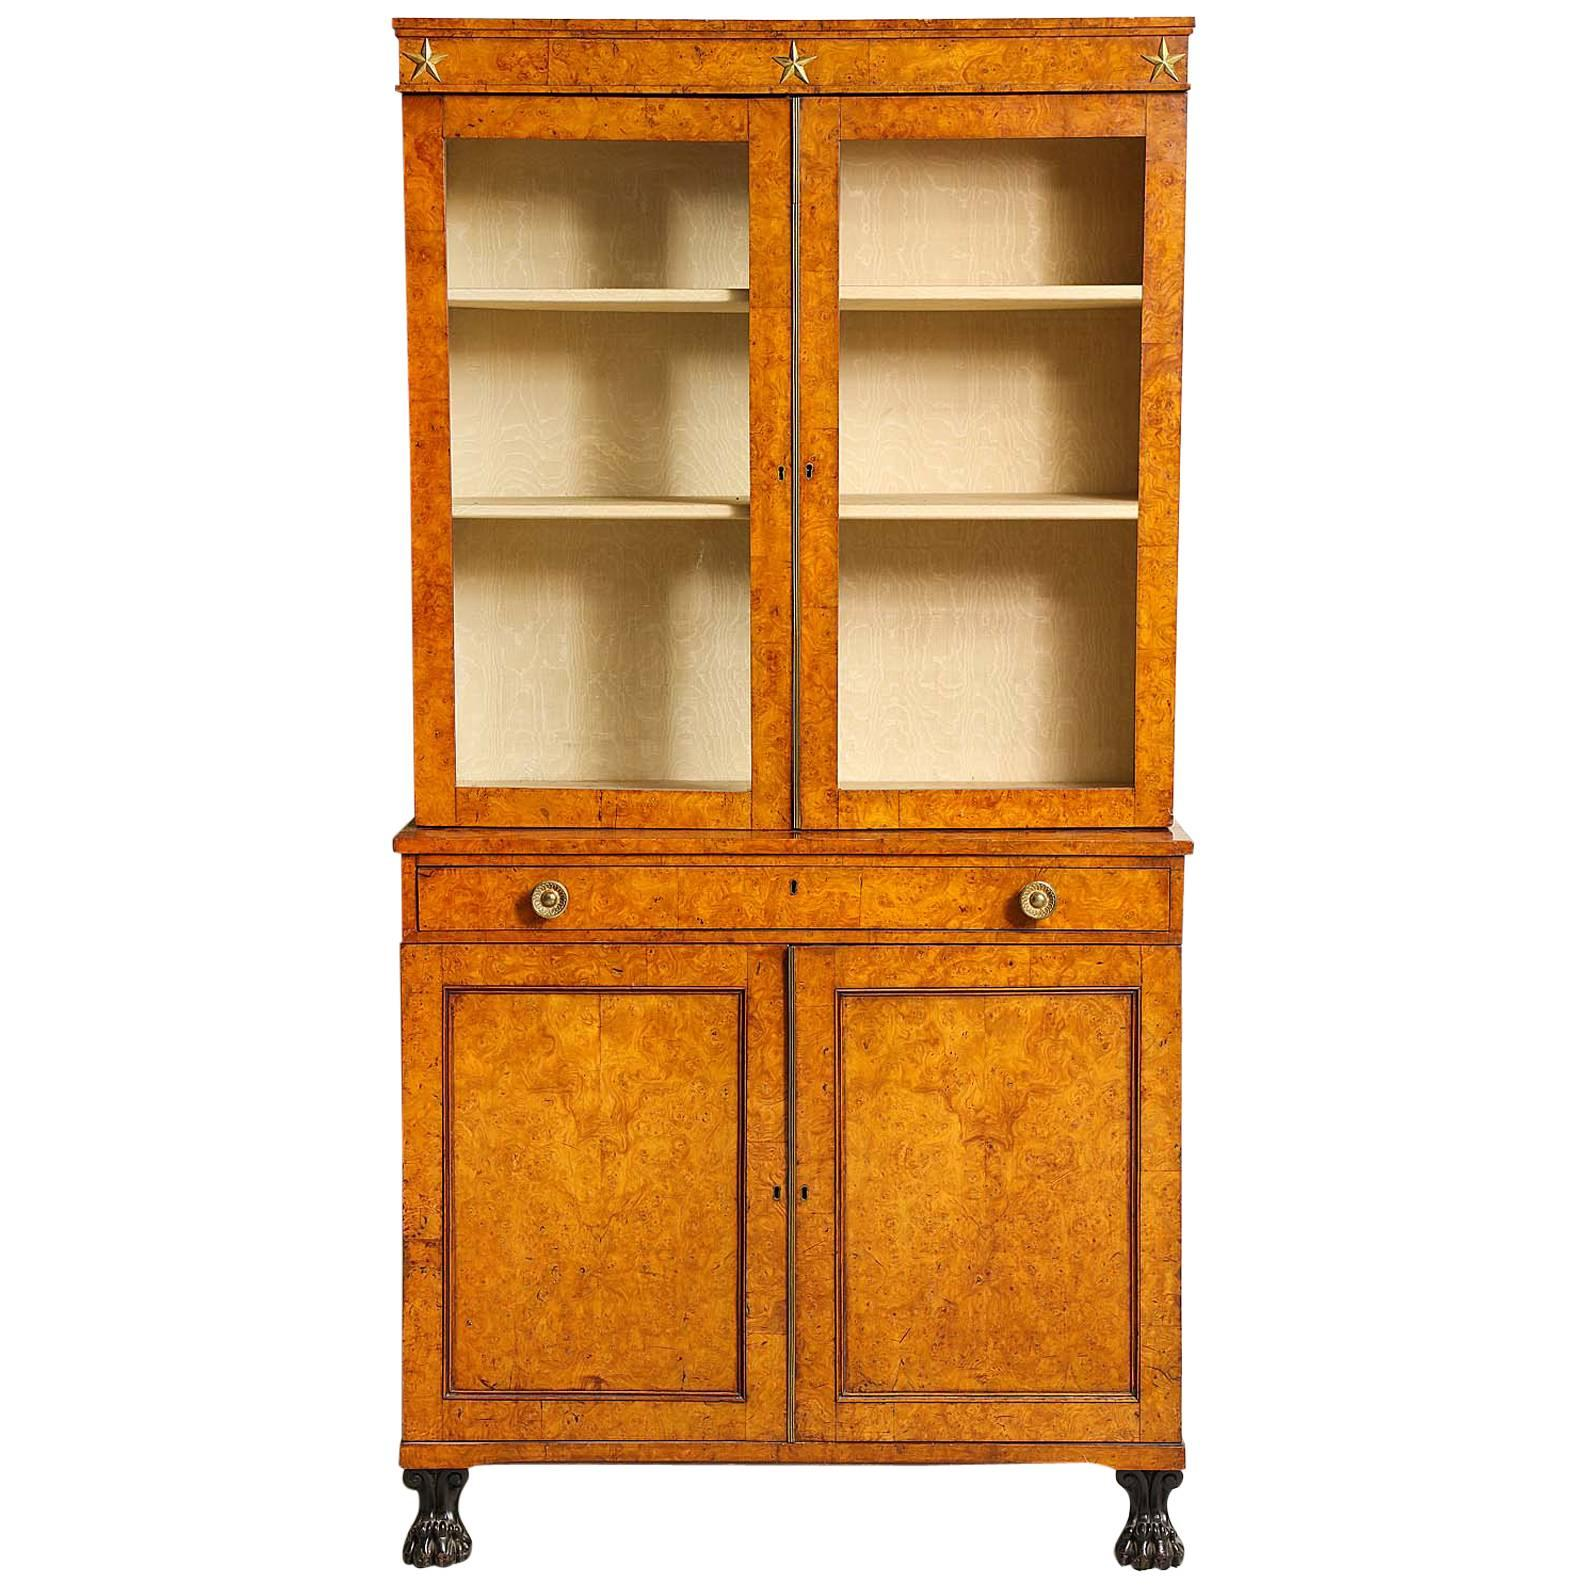 Early 19th Century Burr Oak Cabinet